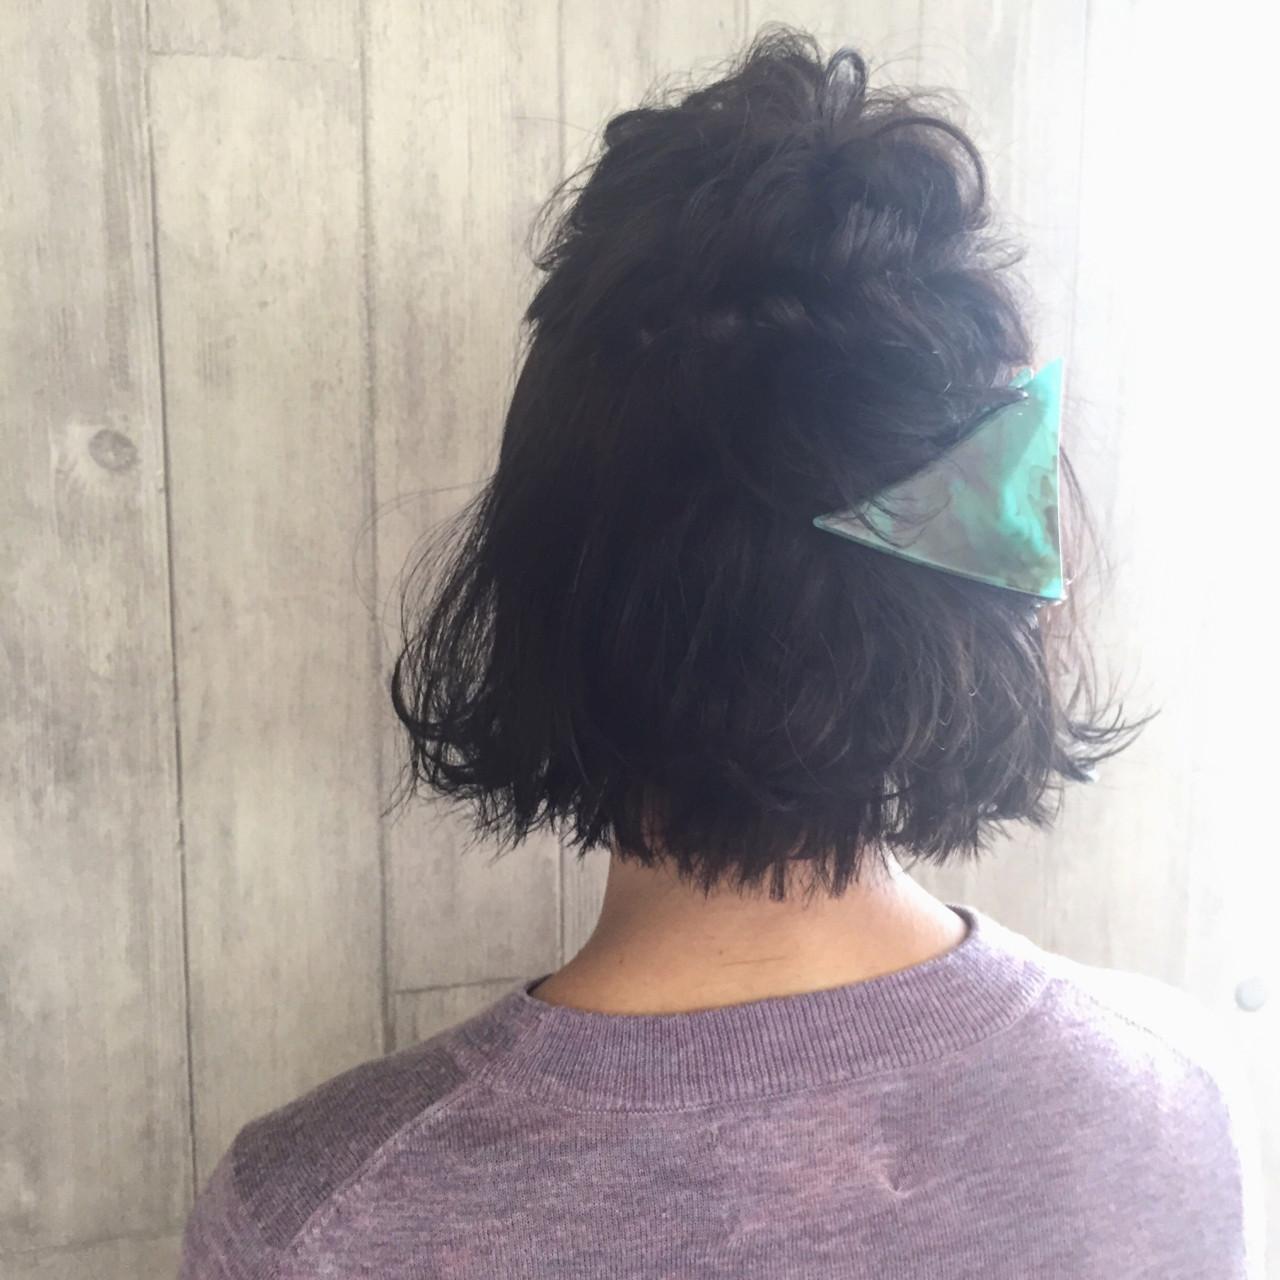 ボブ ハーフアップ ヘアアレンジ 簡単ヘアアレンジ ヘアスタイルや髪型の写真・画像